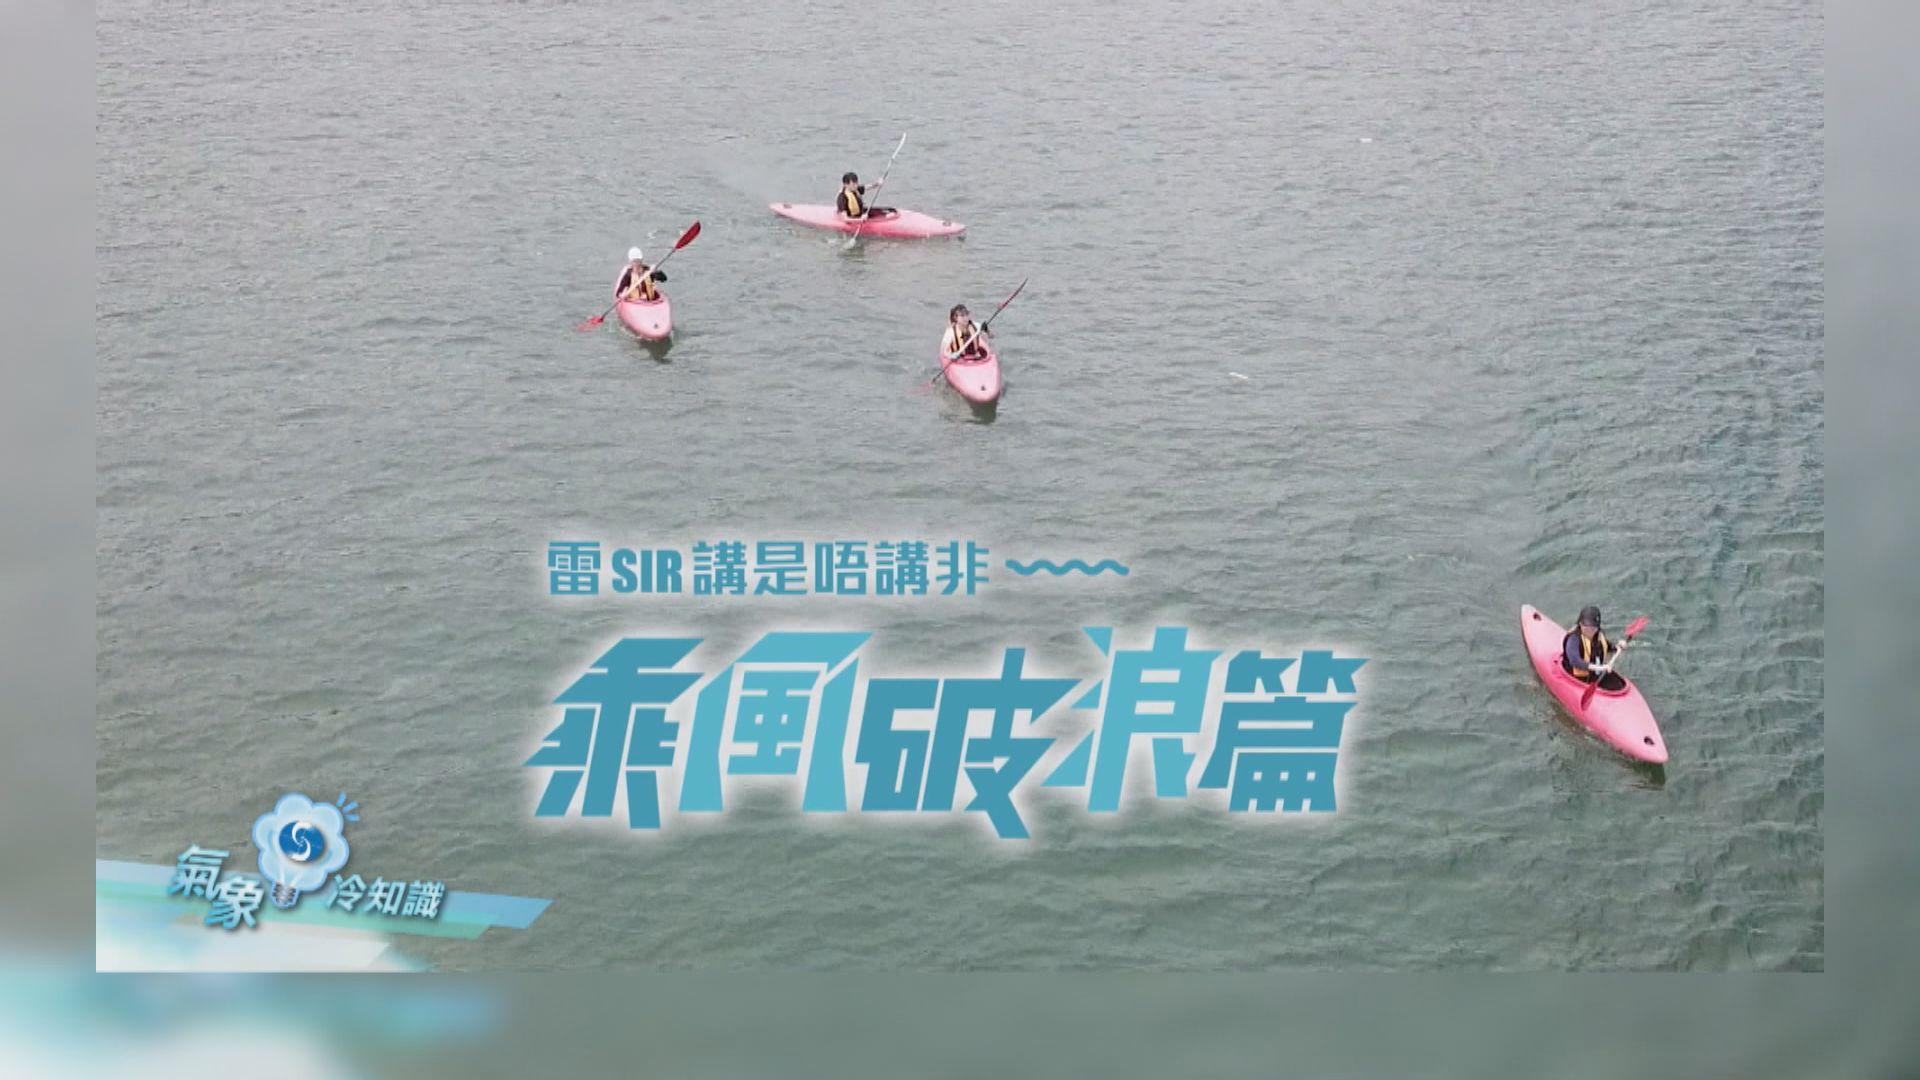 【氣象冷知識】划獨木舟前要留意的天氣狀況